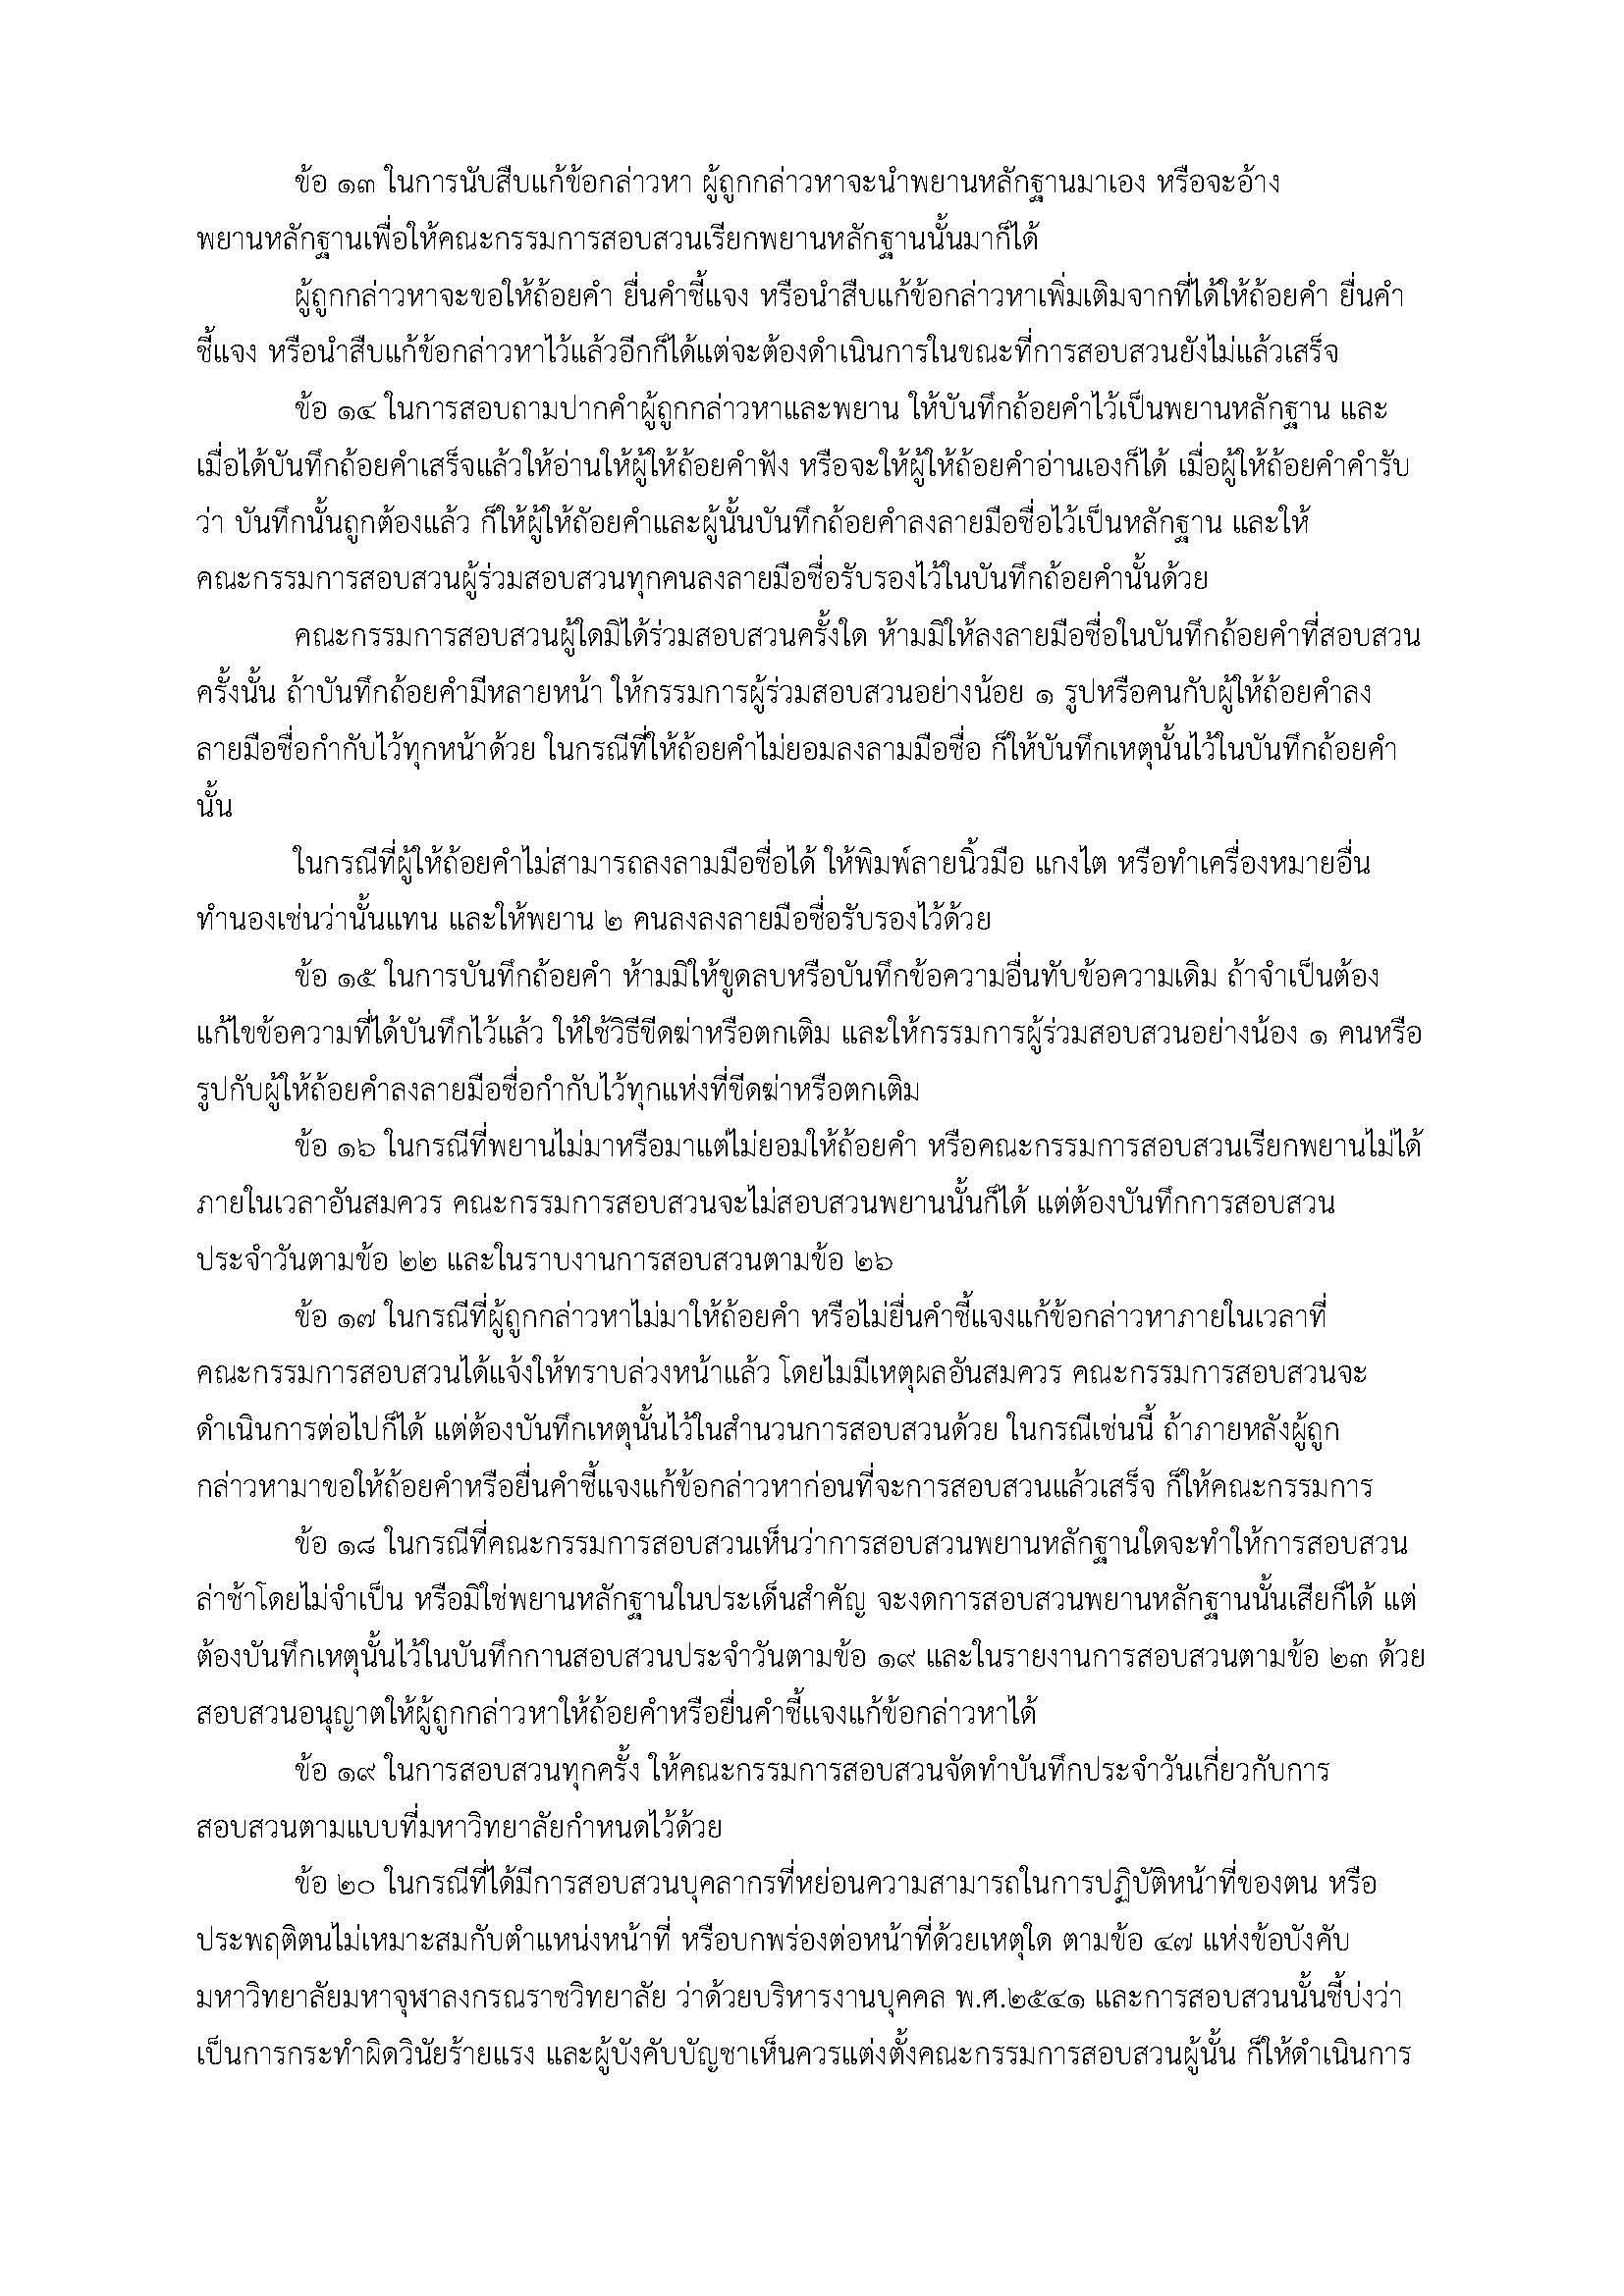 วินัย อุทธรณ์และร้องทุกข์_Page_09